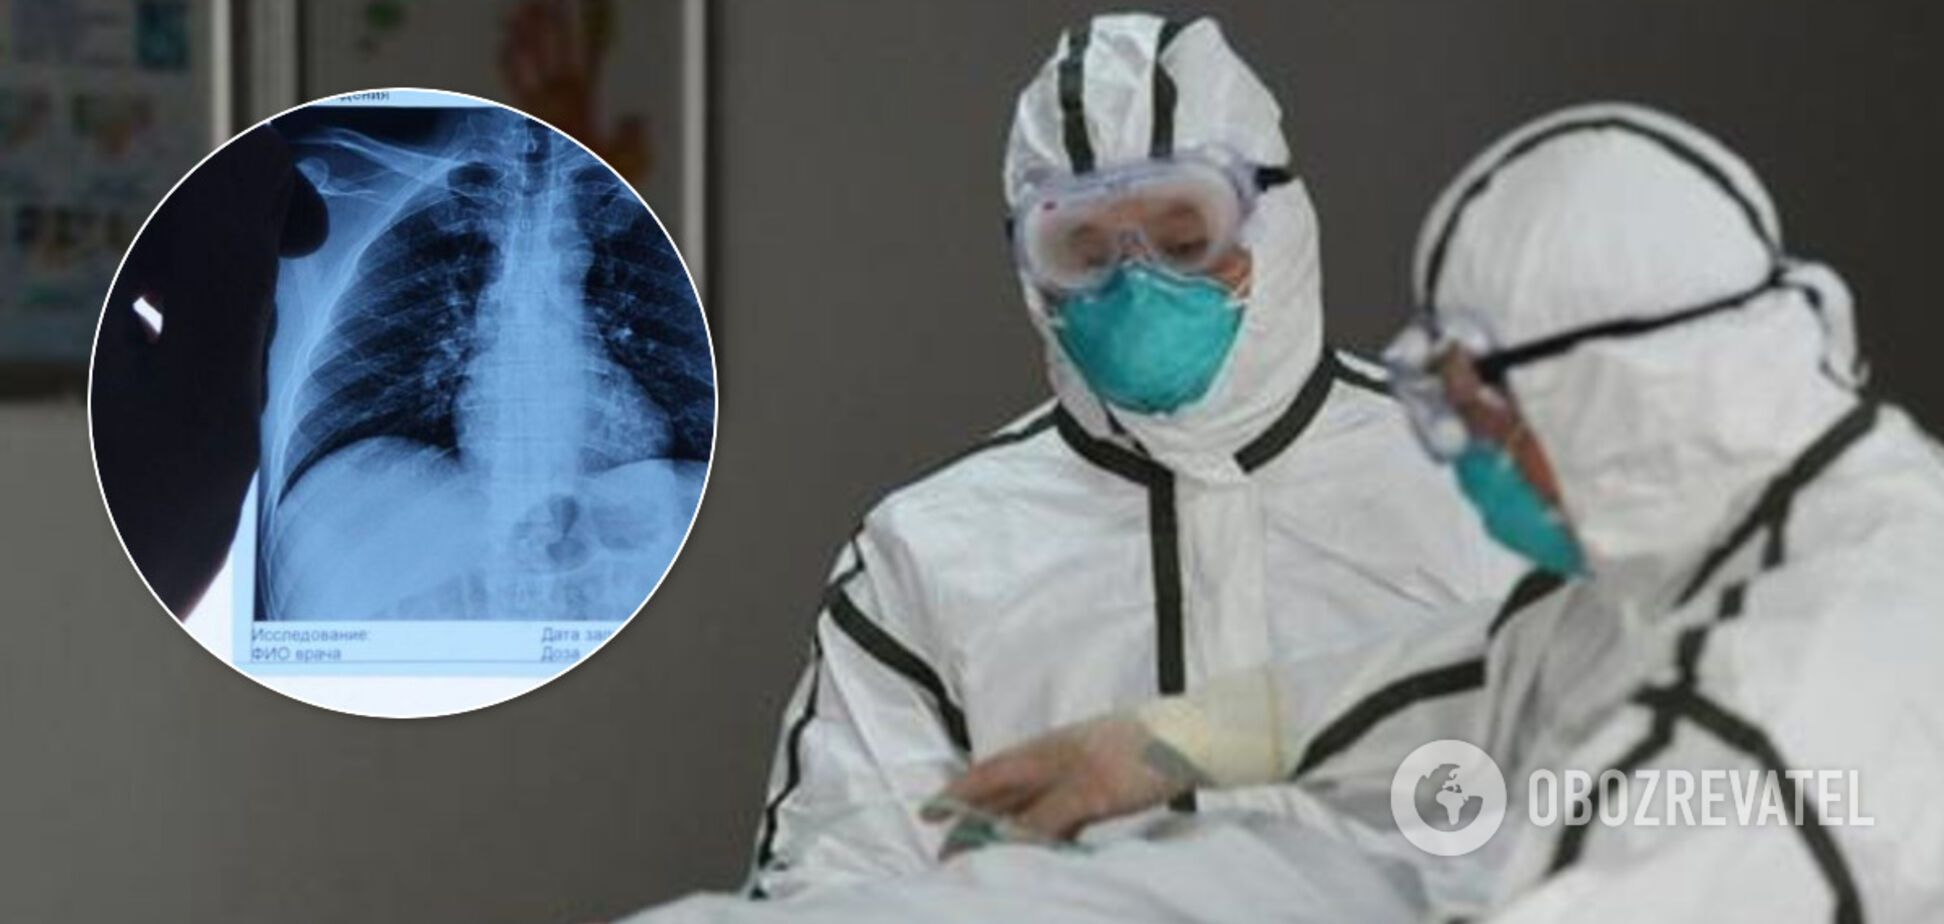 Коронавірус вражає єдиний орган: результати розтину здивували